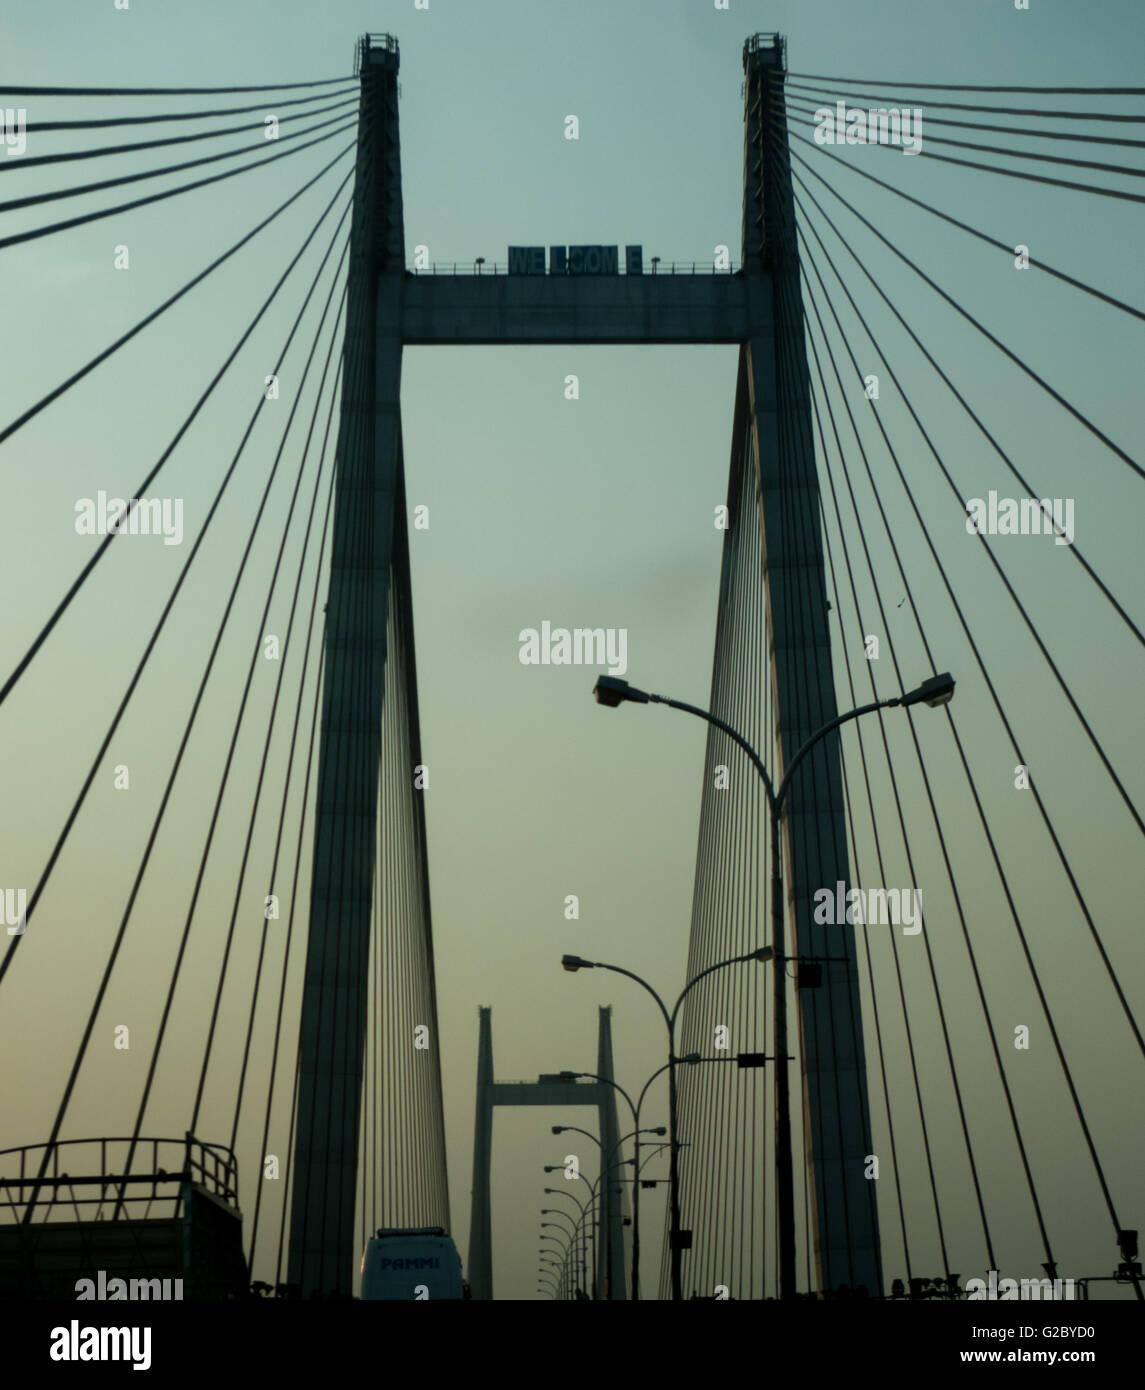 Looking up at the engineering marvel of Vidyasagar Setu (Second Howrah Bridge). A landmark suspension bridge in - Stock Image